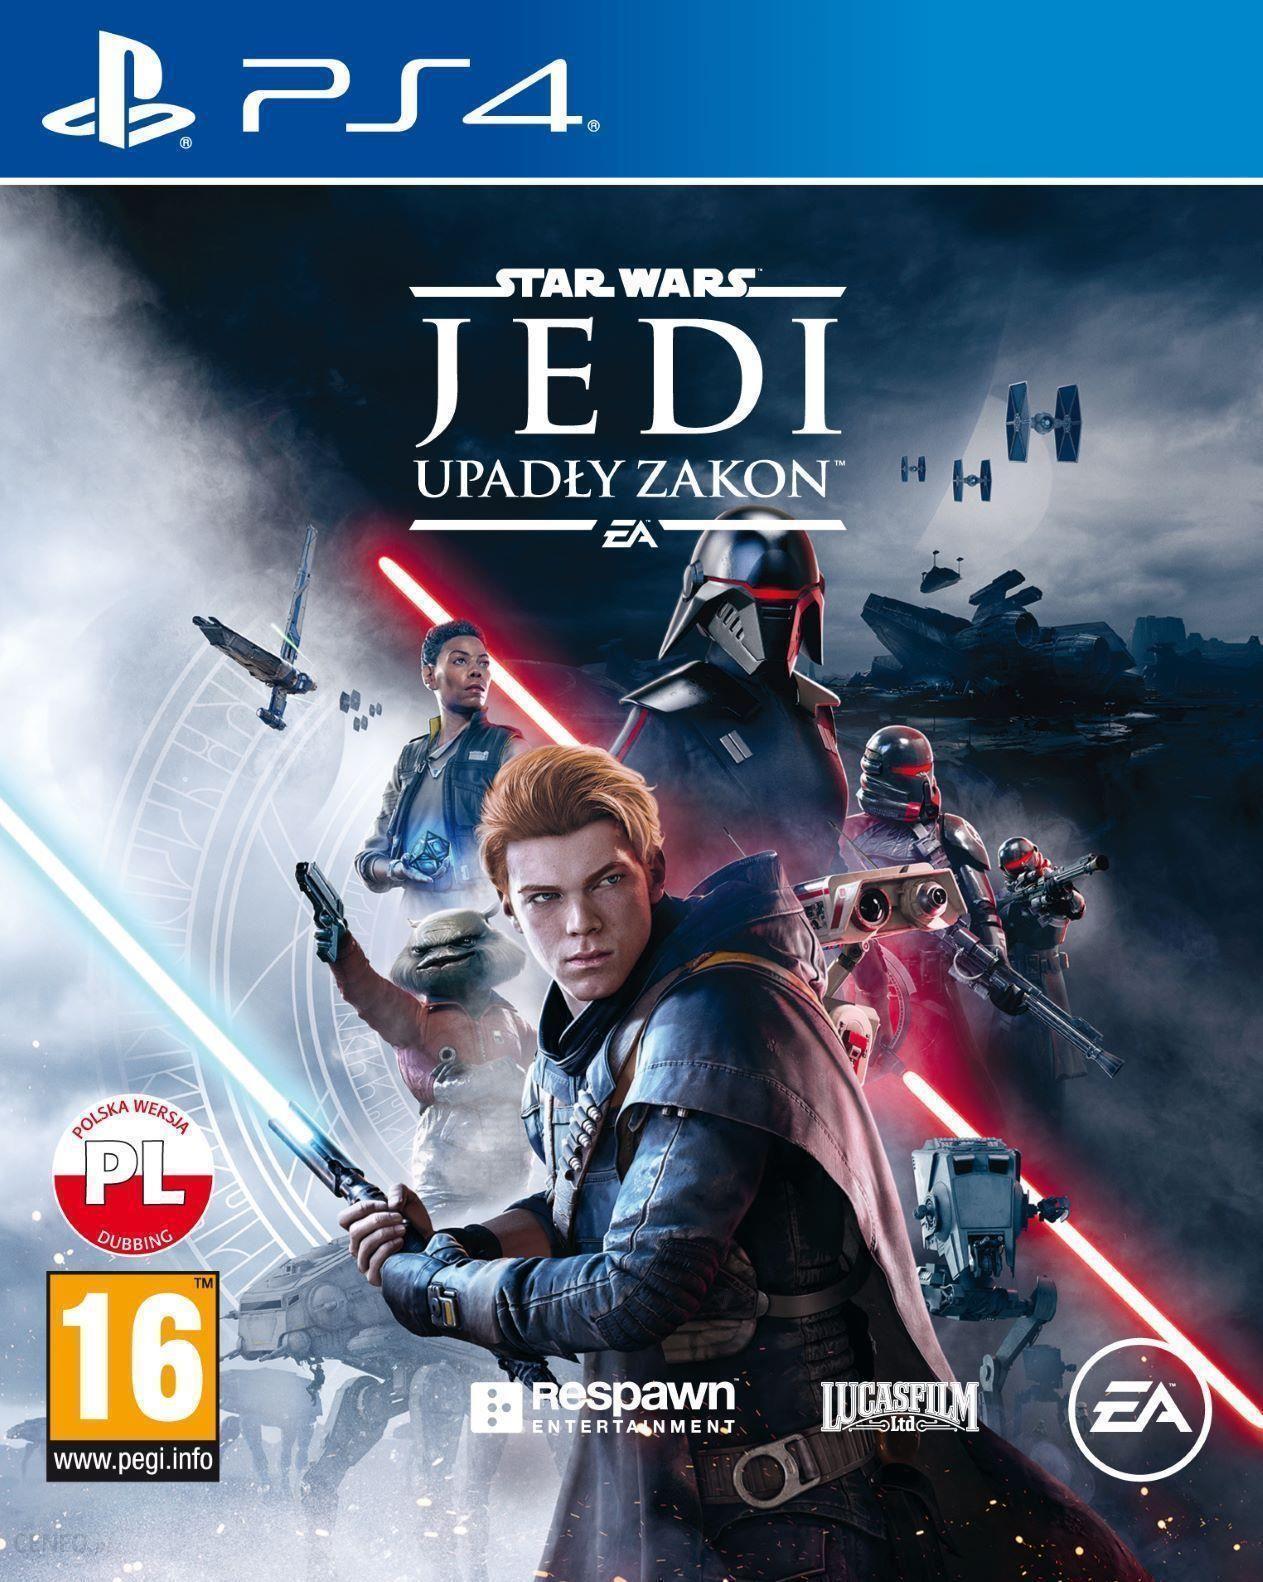 Star Wars Jedi Upadły Zakon (Gra Ps4)